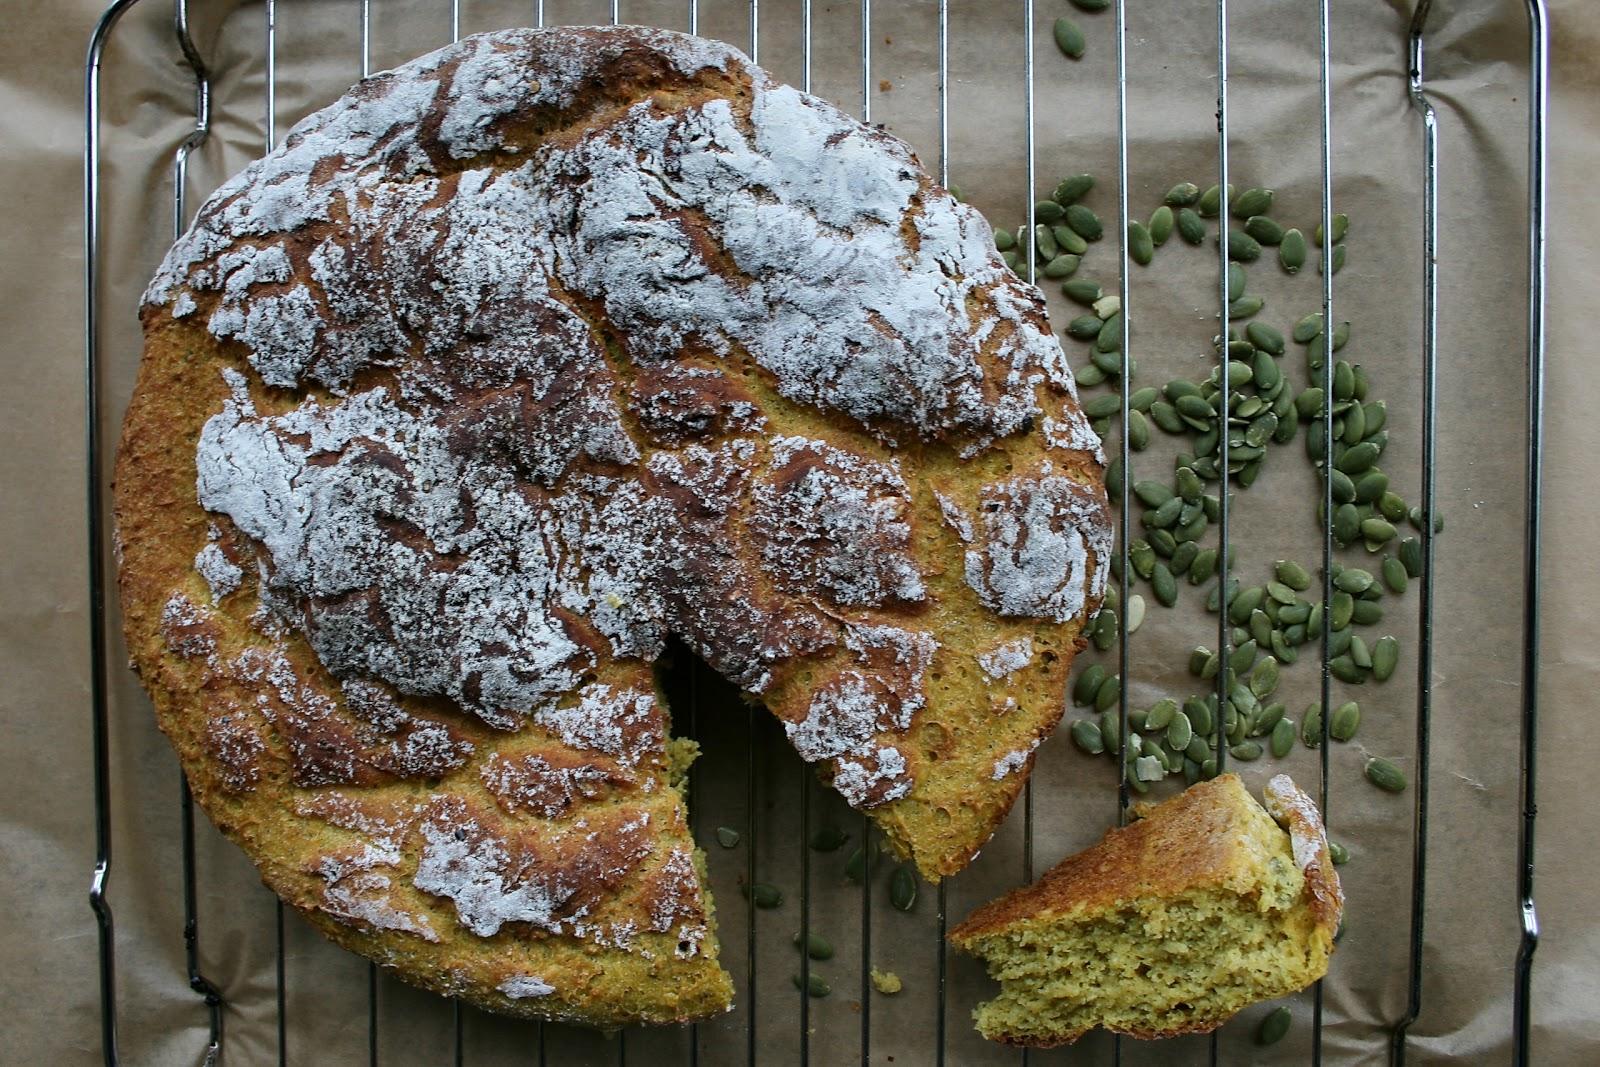 Drożdżowe ciasto (chlebowe) dyniowe na ostro